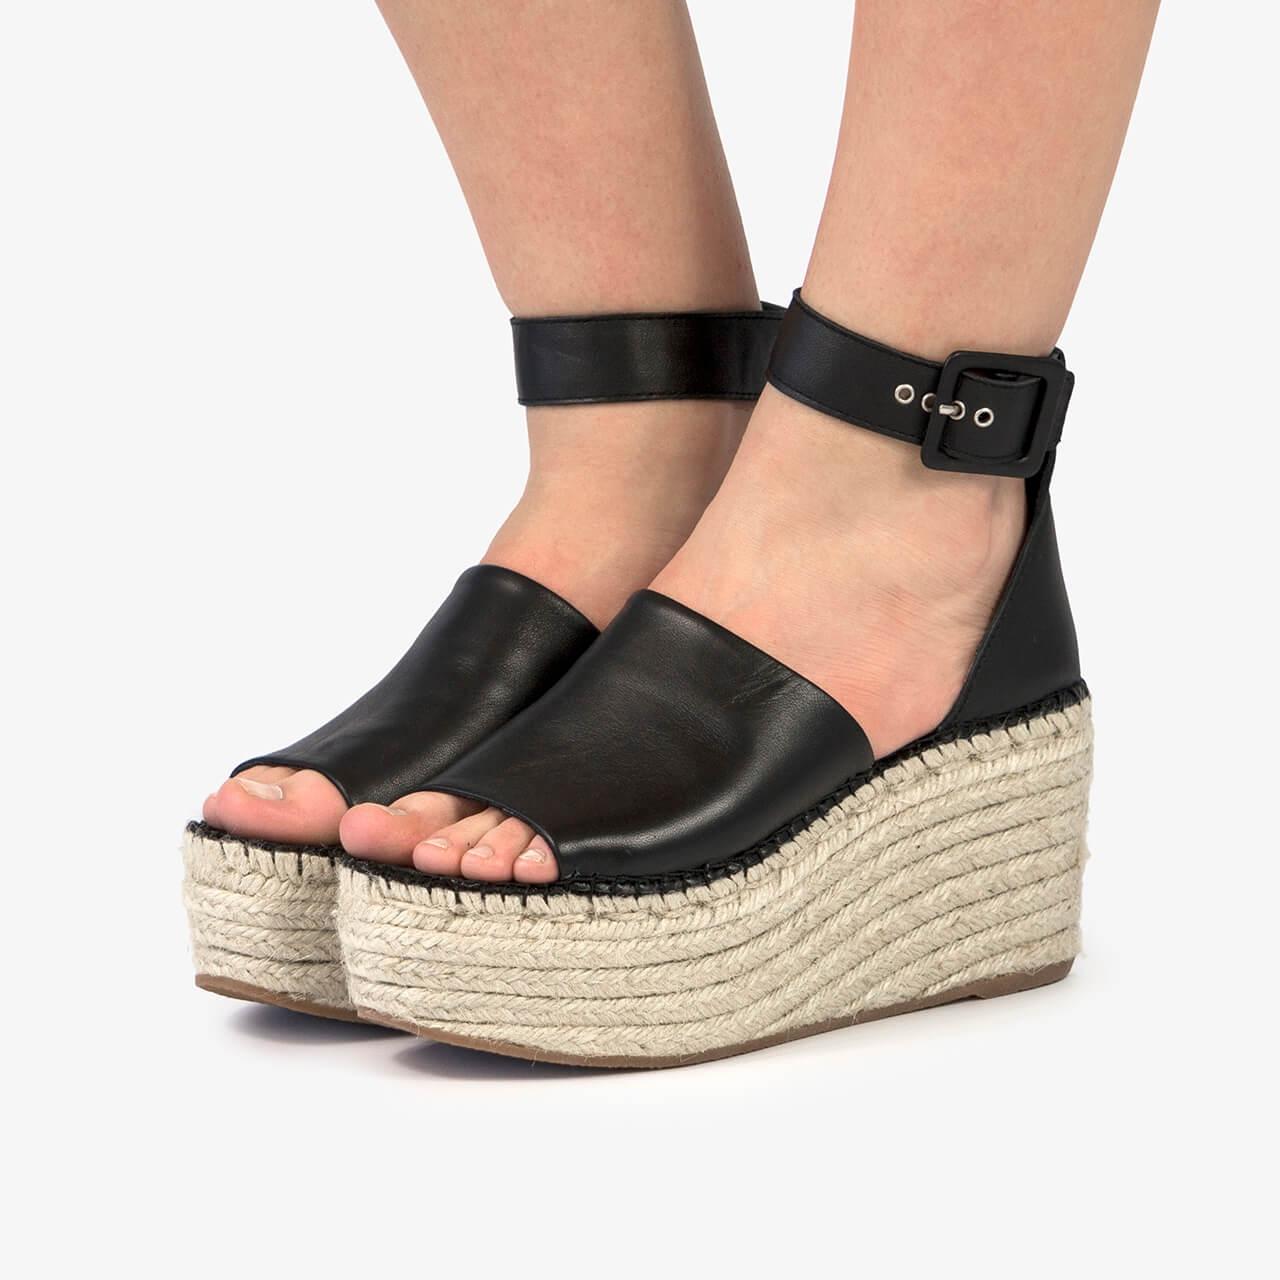 sandalias mujer - Ítem3